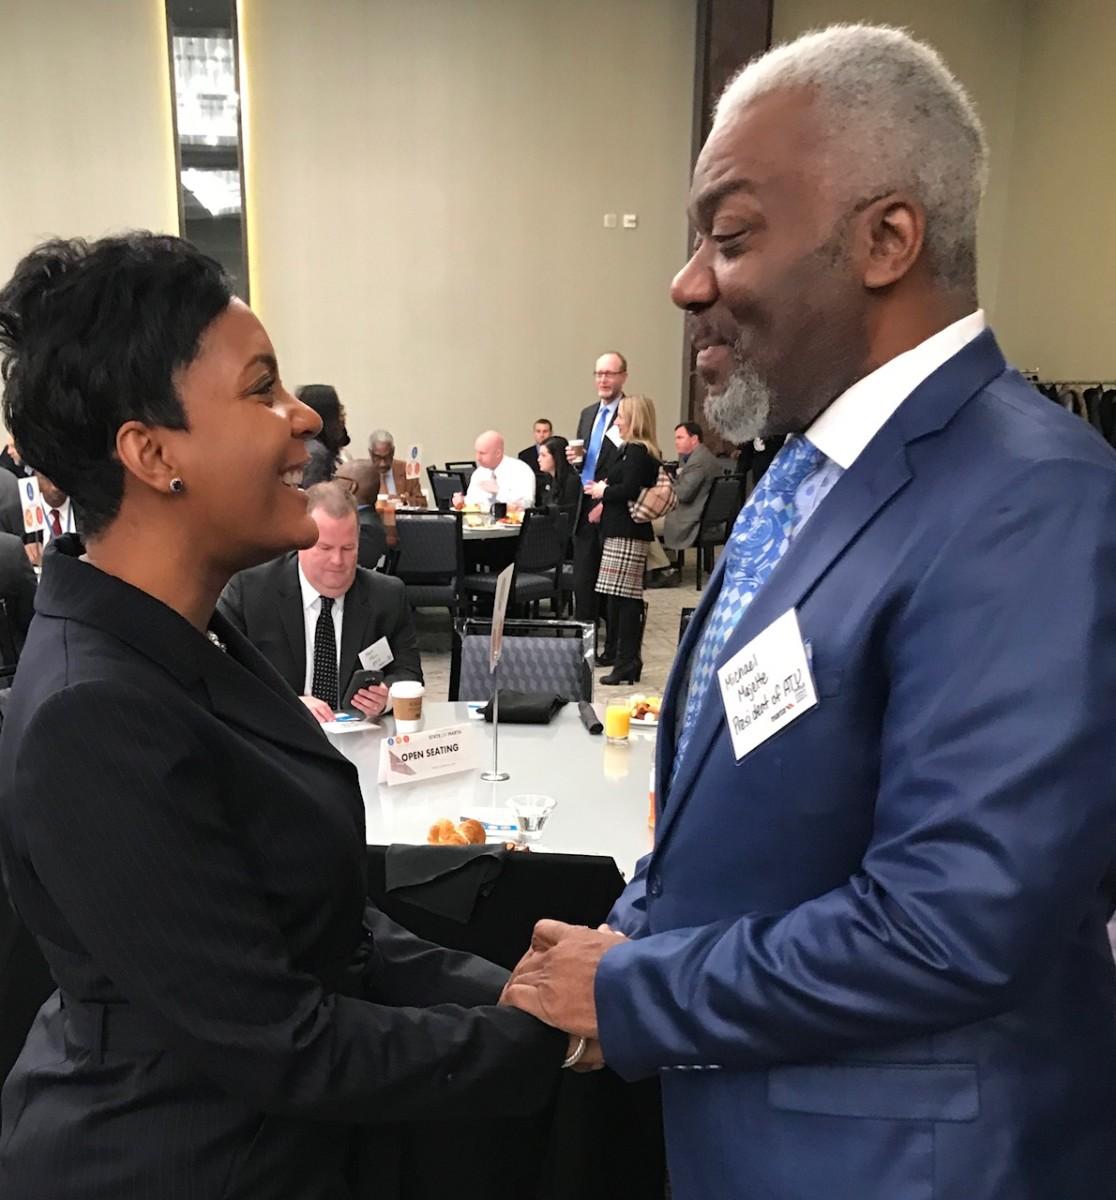 Atlanta Mayor Keisha Lance Bottoms and Amalgamated Transit Union 732 president Michael Majette. Credit: Kelly Jordan